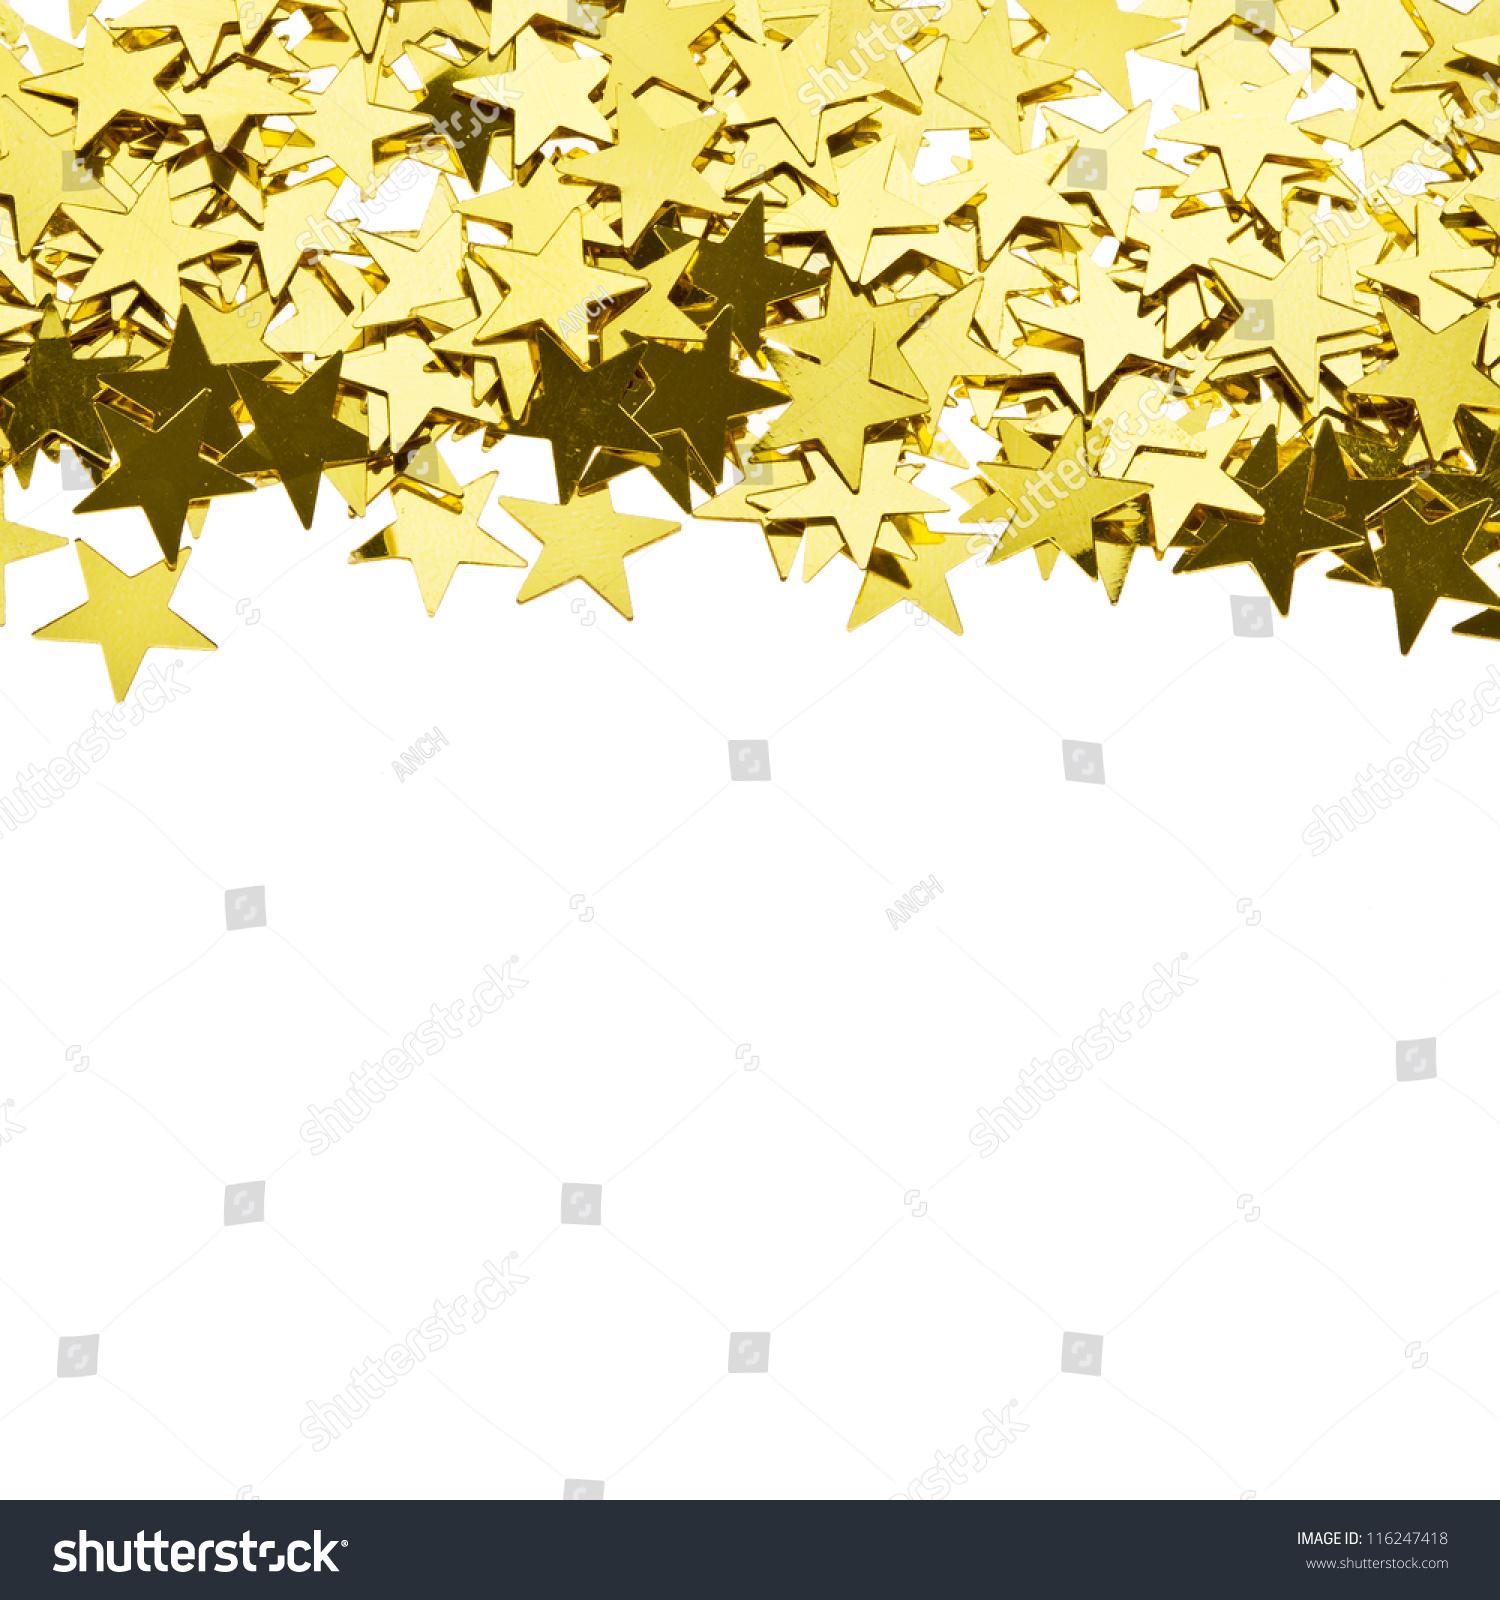 Stars Gold Confetti , Frame Of The Yellow Brilliant Small